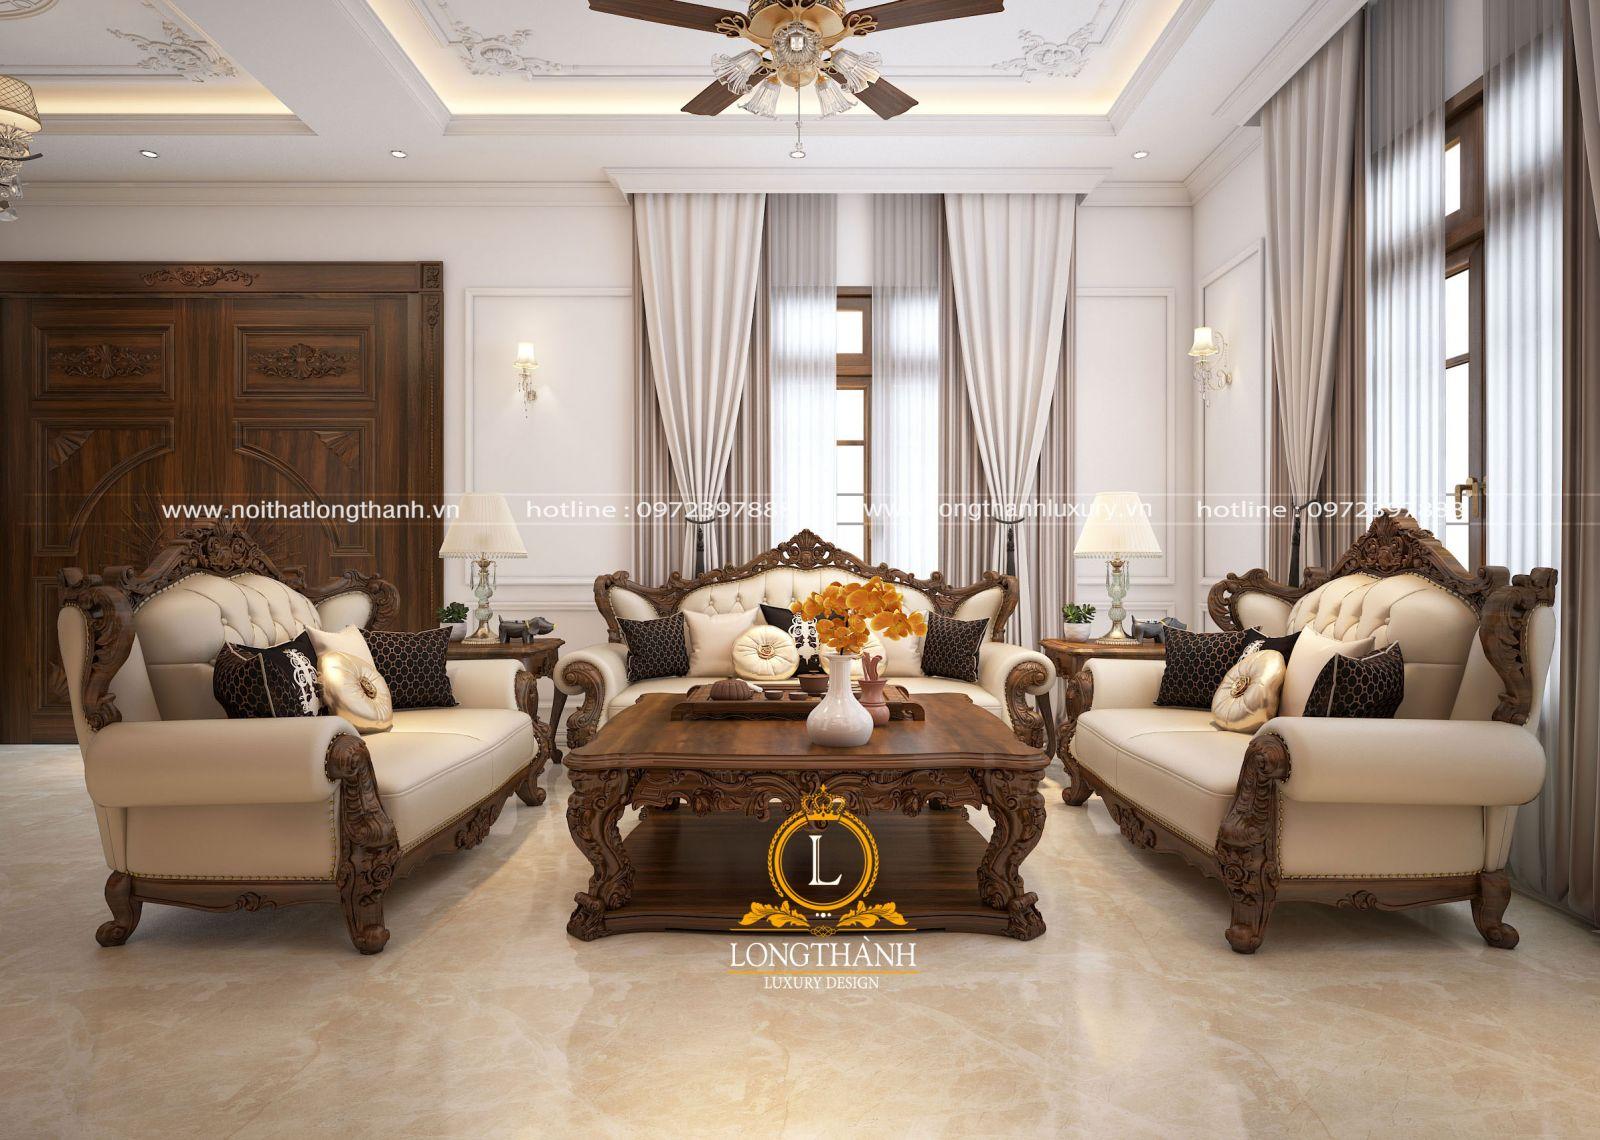 Không gian rộng nên gia chủ bố trí đồ nội thất và trang trí không gian thêm sang trọng